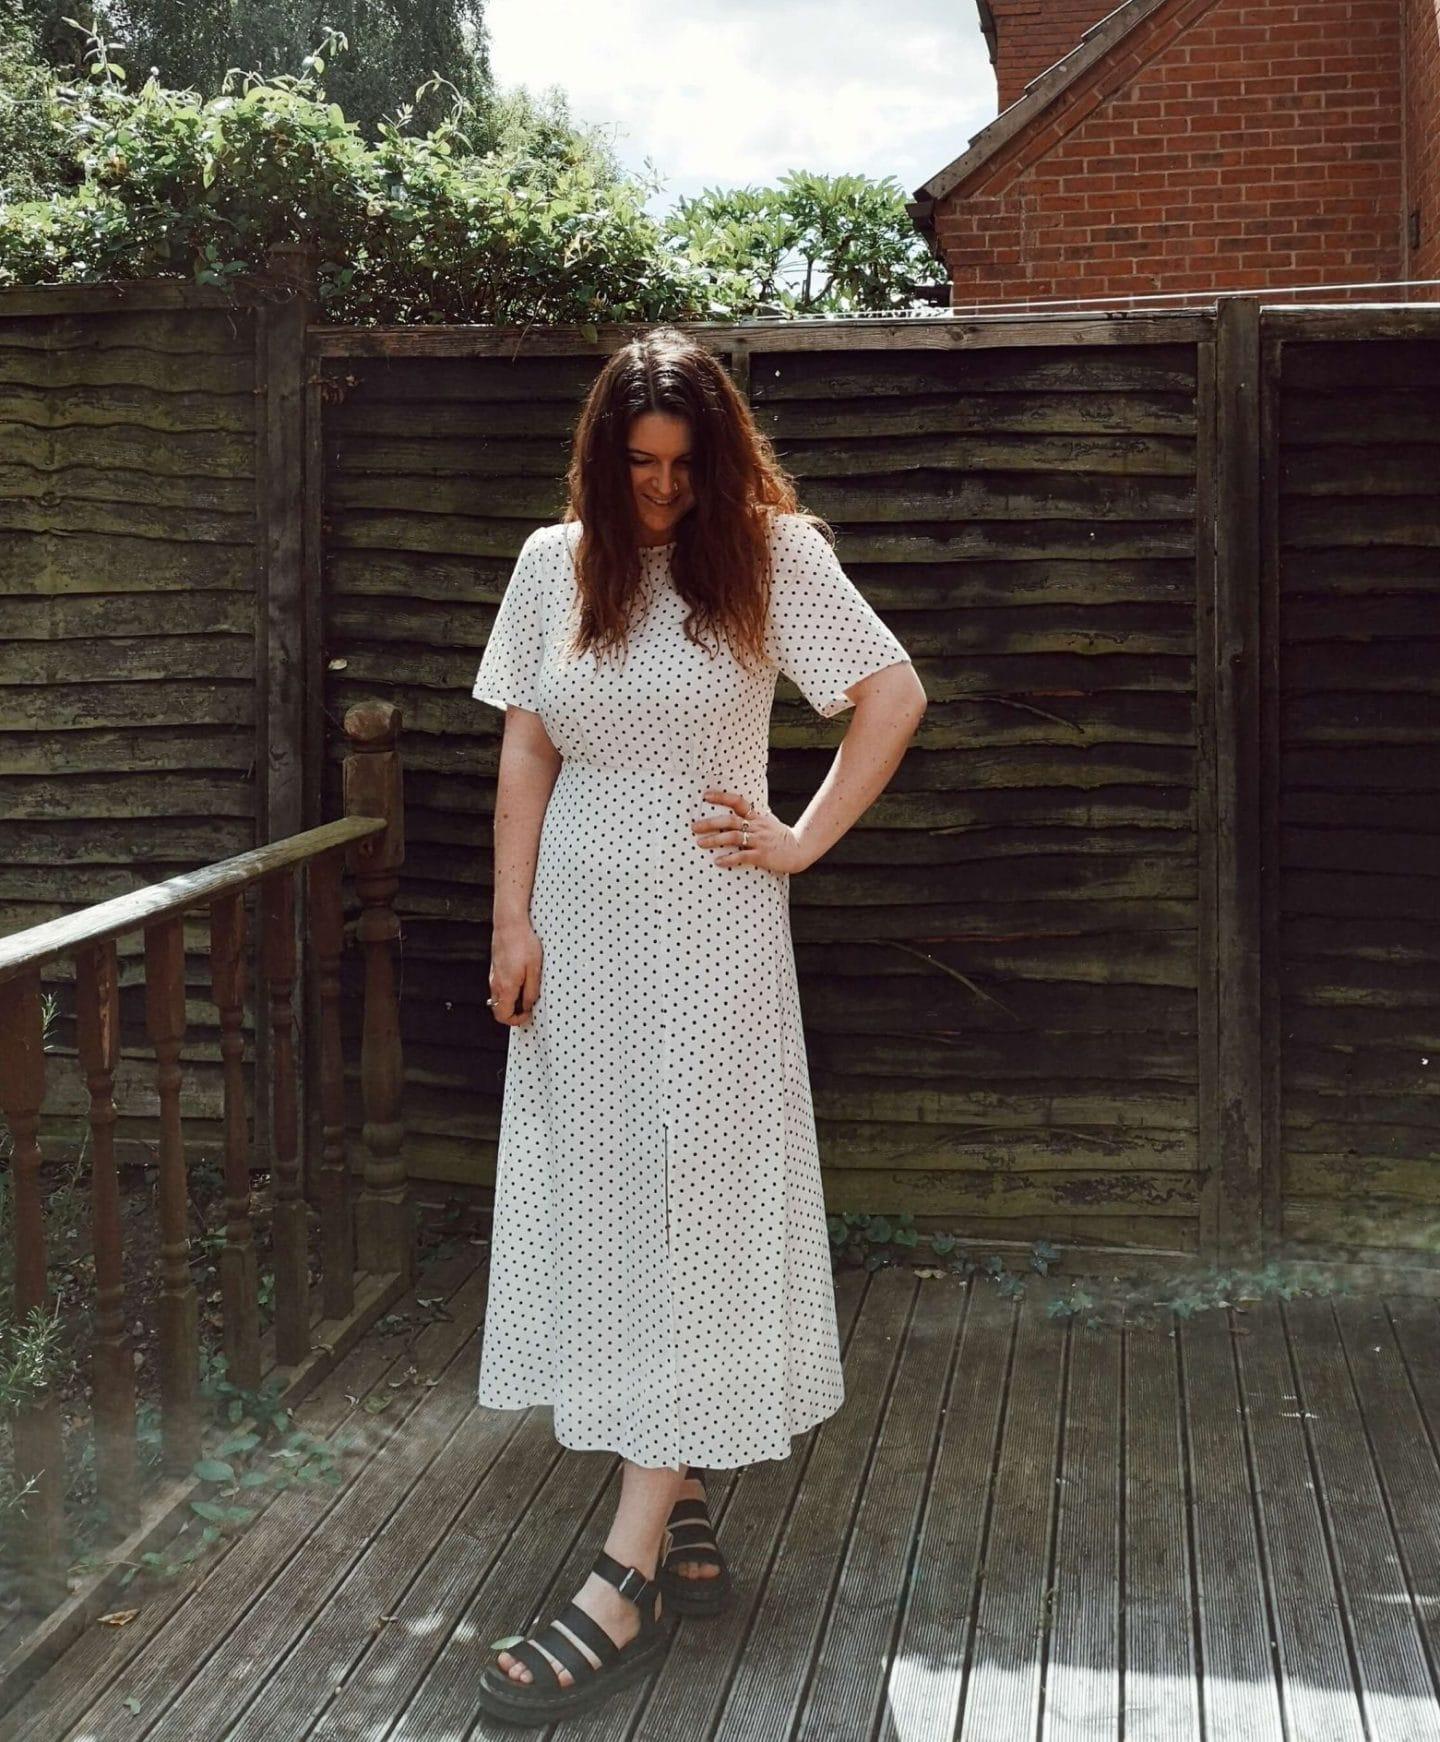 Woman standing in polkadot dress in garden